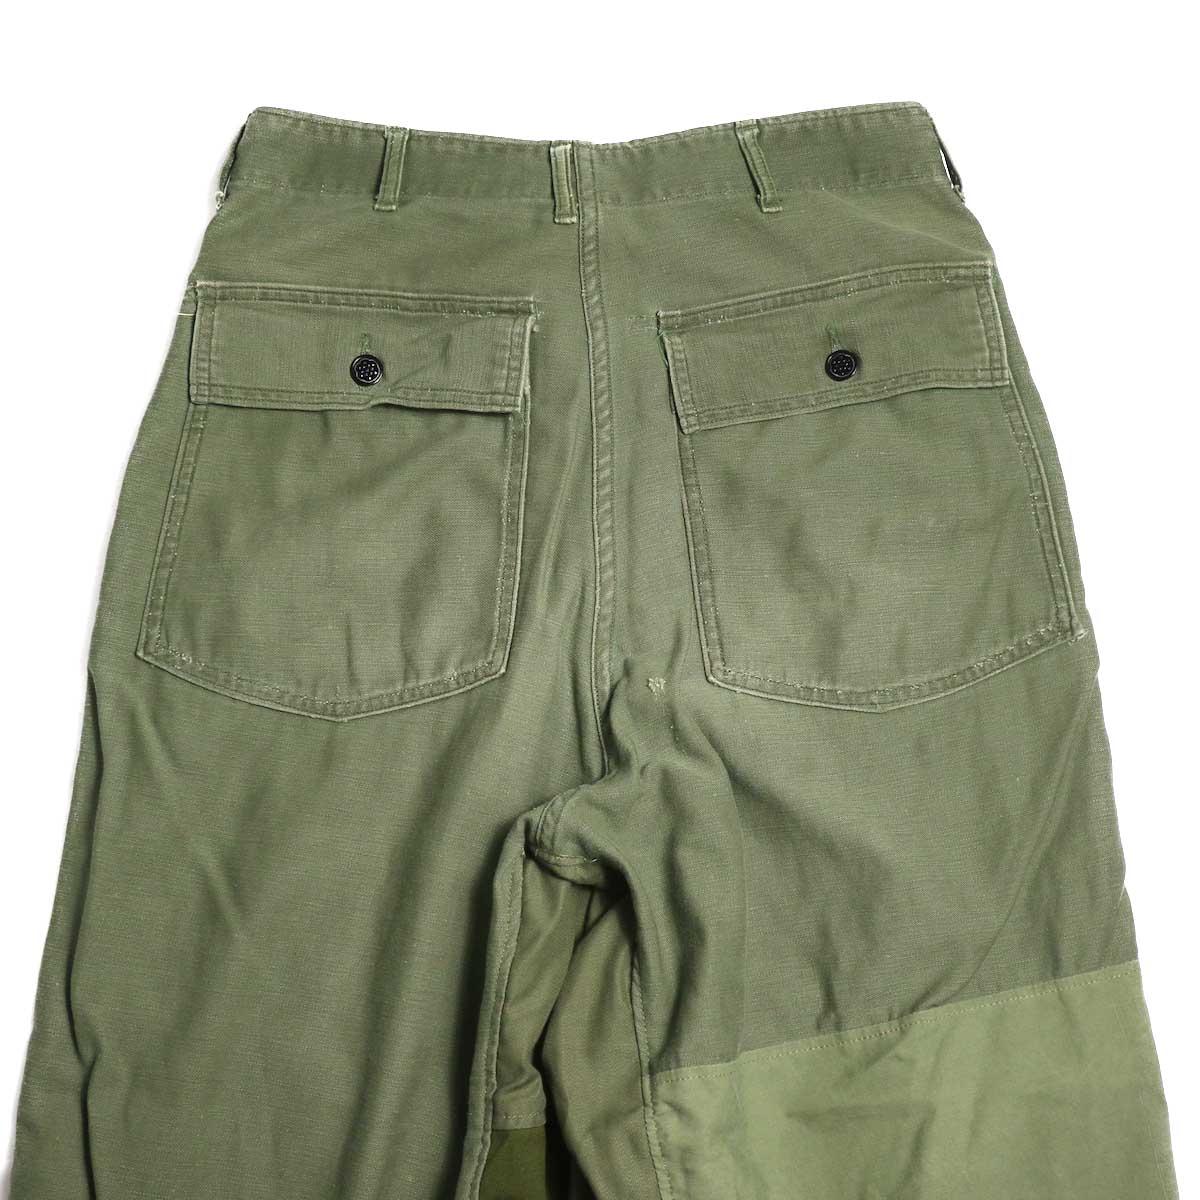 BONUM / Military FAT Pants (Btype)  フラップポケット